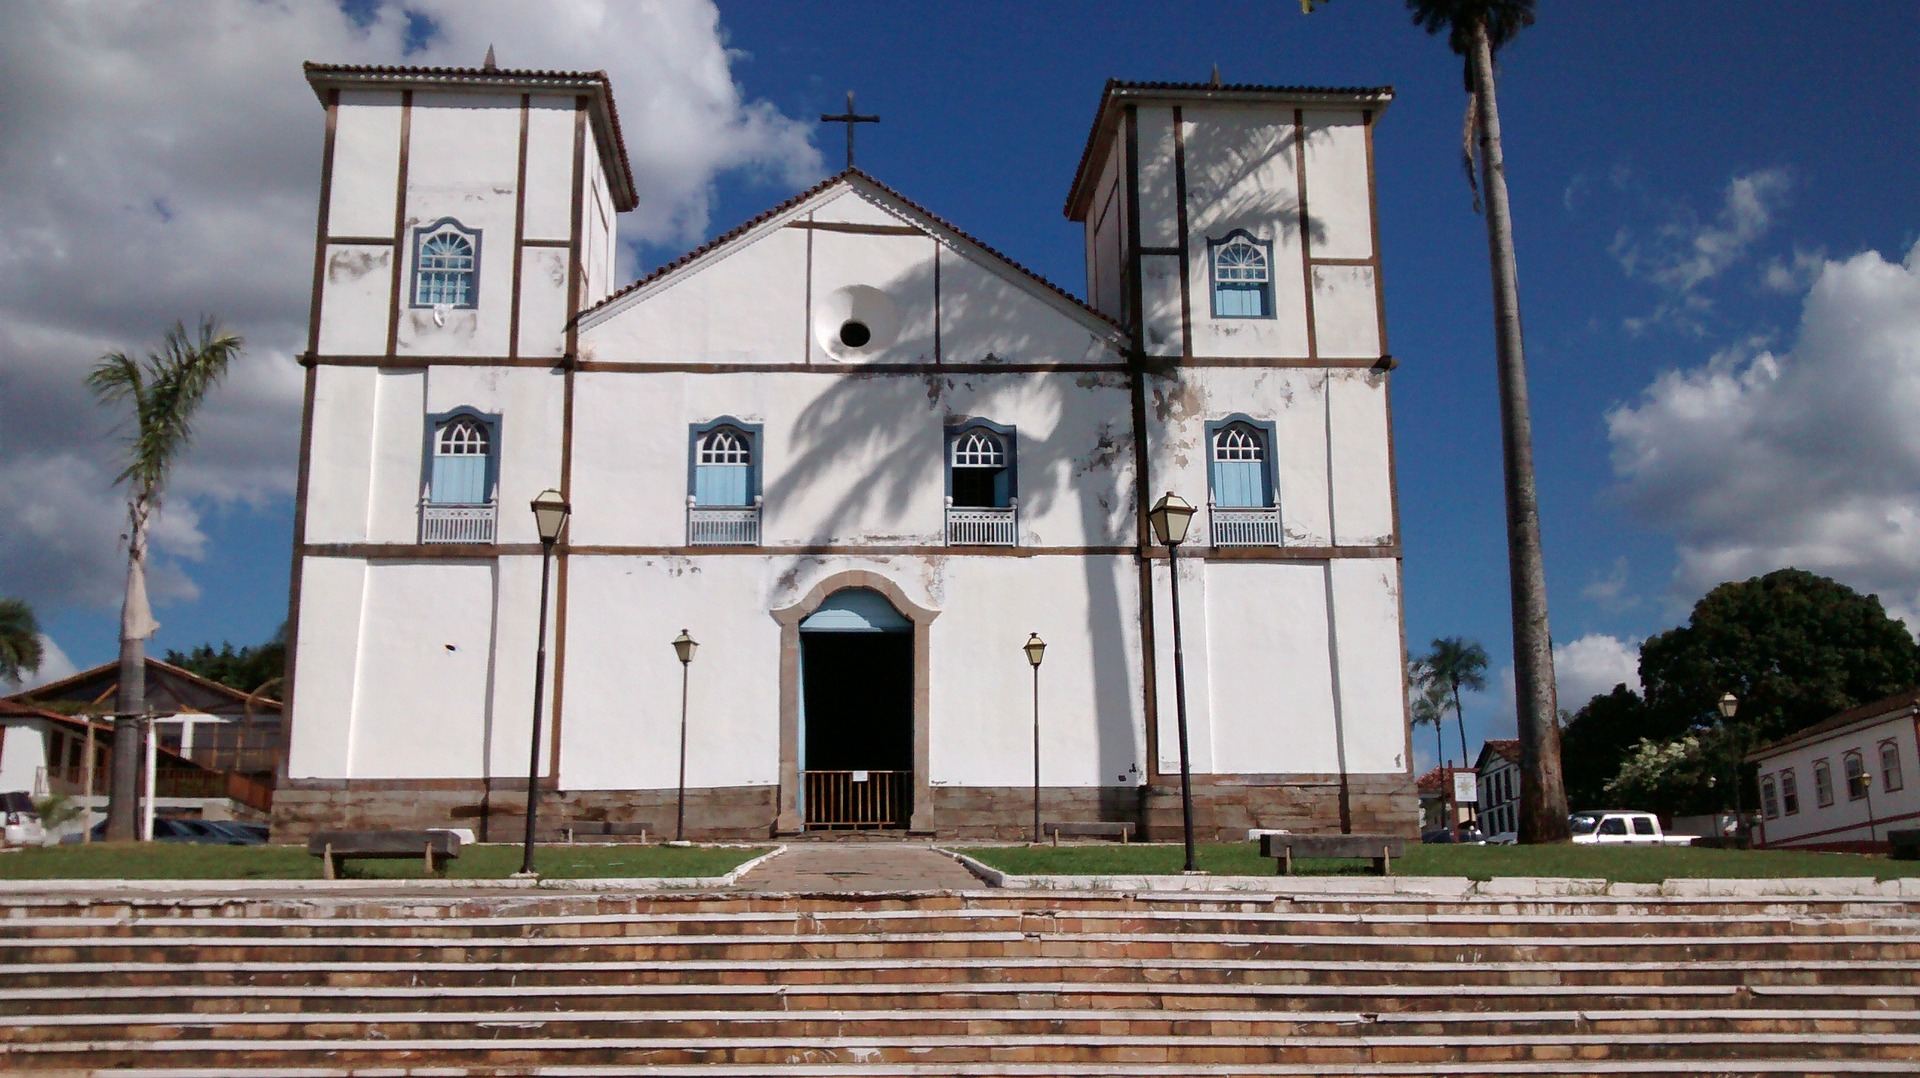 Mineiros - Goiás